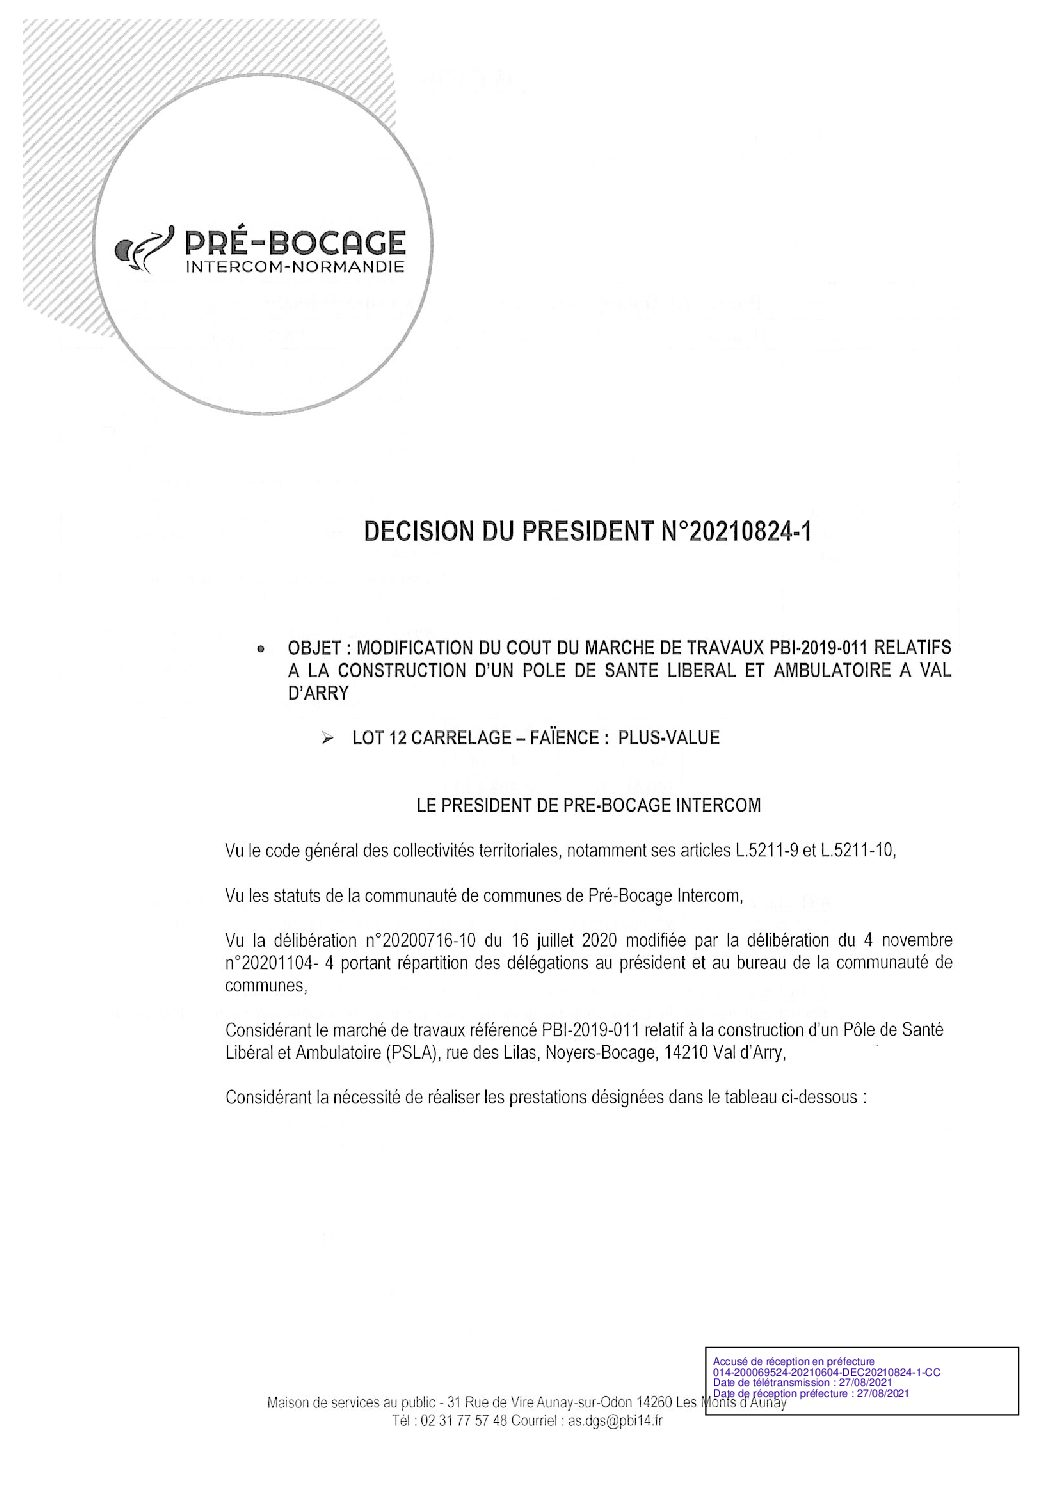 Décision déléguée du 24 août 2021